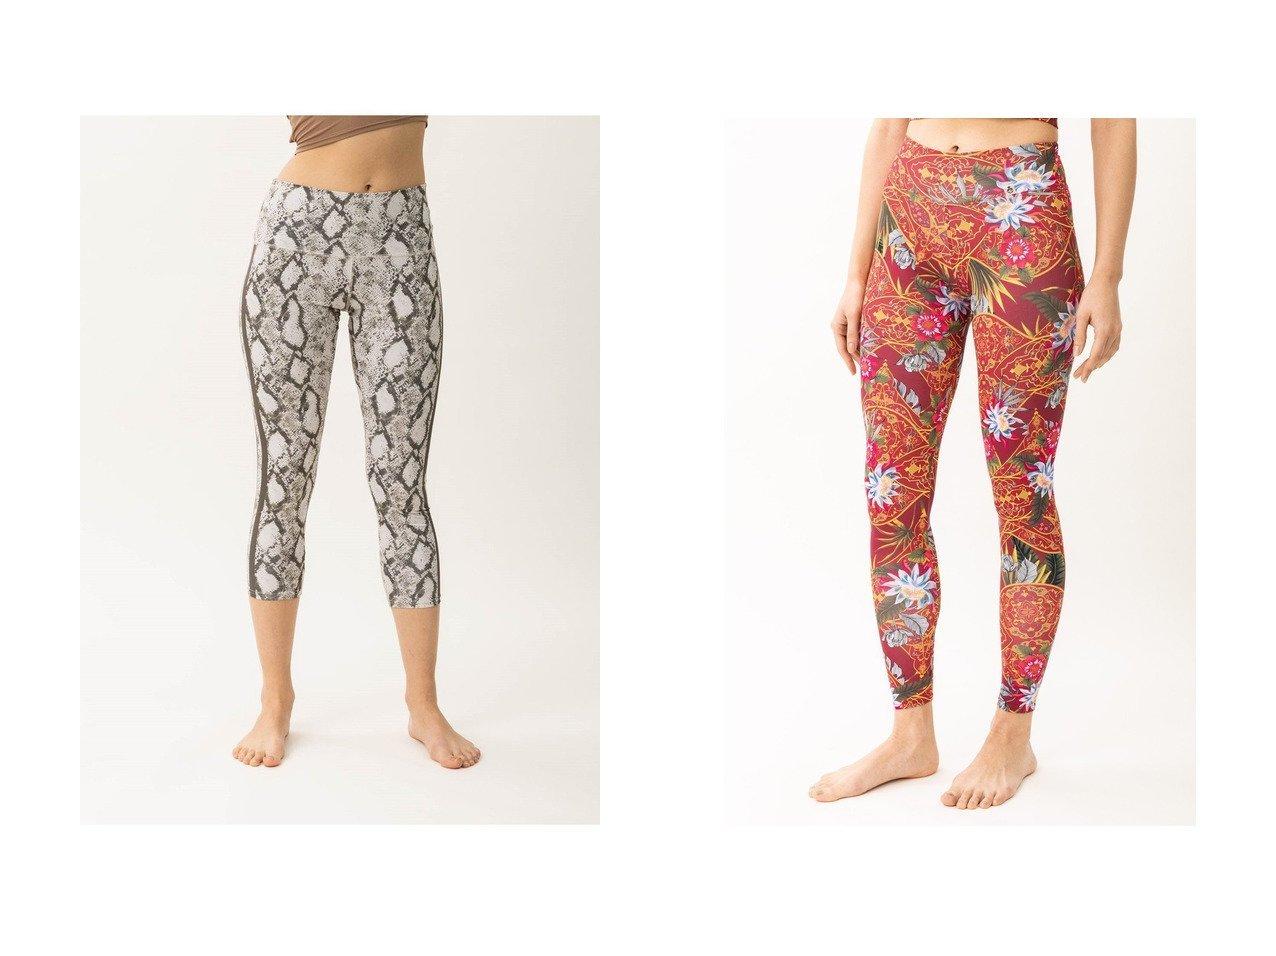 【Women's Health/ウィメンズヘルス】の【Linda Works】ヨガレギンス&【Style Boat Market】パイソン柄レギンス スポーツ・ヨガウェア、運動・ダイエットグッズなどのおすすめ!人気ファッション通販 おすすめで人気の流行・トレンド、ファッションの通販商品 メンズファッション・キッズファッション・インテリア・家具・レディースファッション・服の通販 founy(ファニー) https://founy.com/ ファッション Fashion レディースファッション WOMEN パンツ Pants レギンス Leggings スポーツ トレンド パイソン ヨガ レギンス 定番 Standard エスニック ファブリック フィット プリント モチーフ 今季 |ID:crp329100000028413